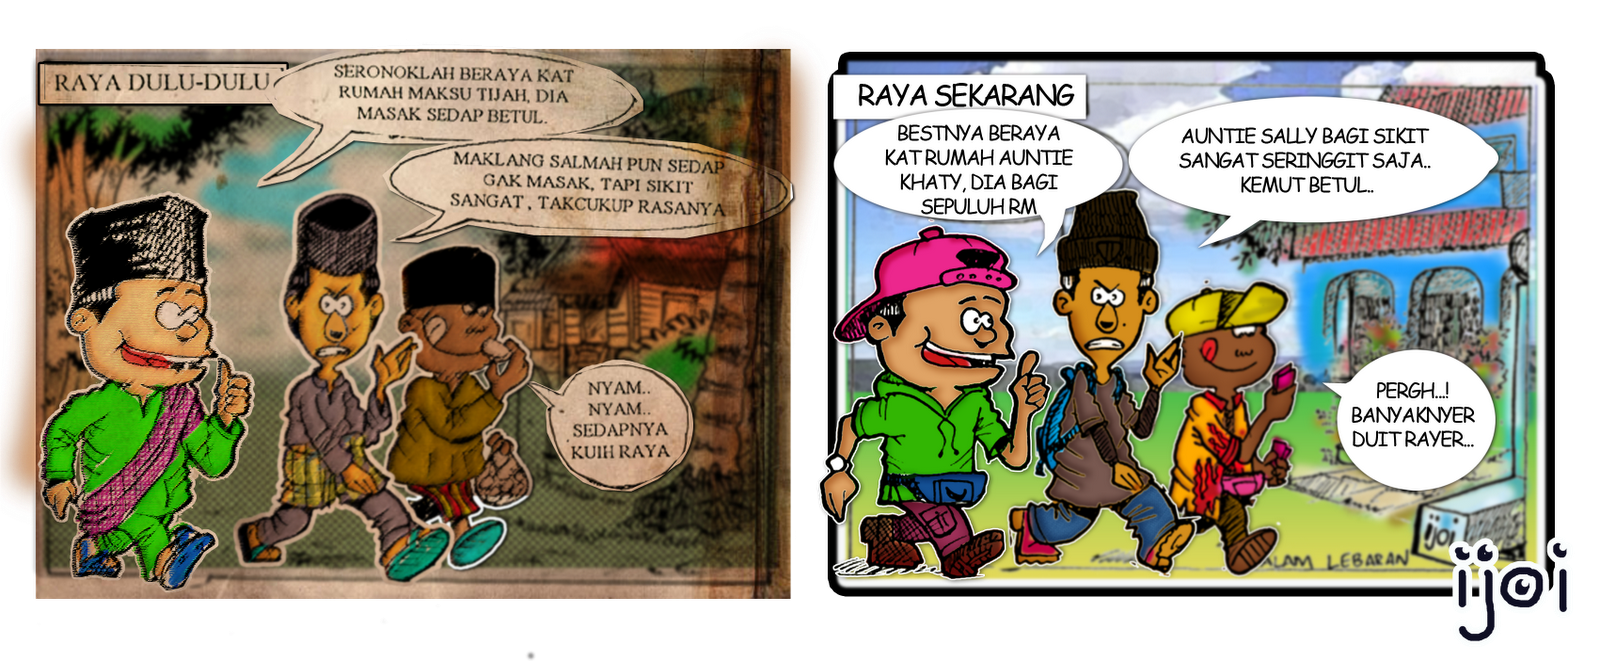 Sayembara Jemalaku Ogos 2013